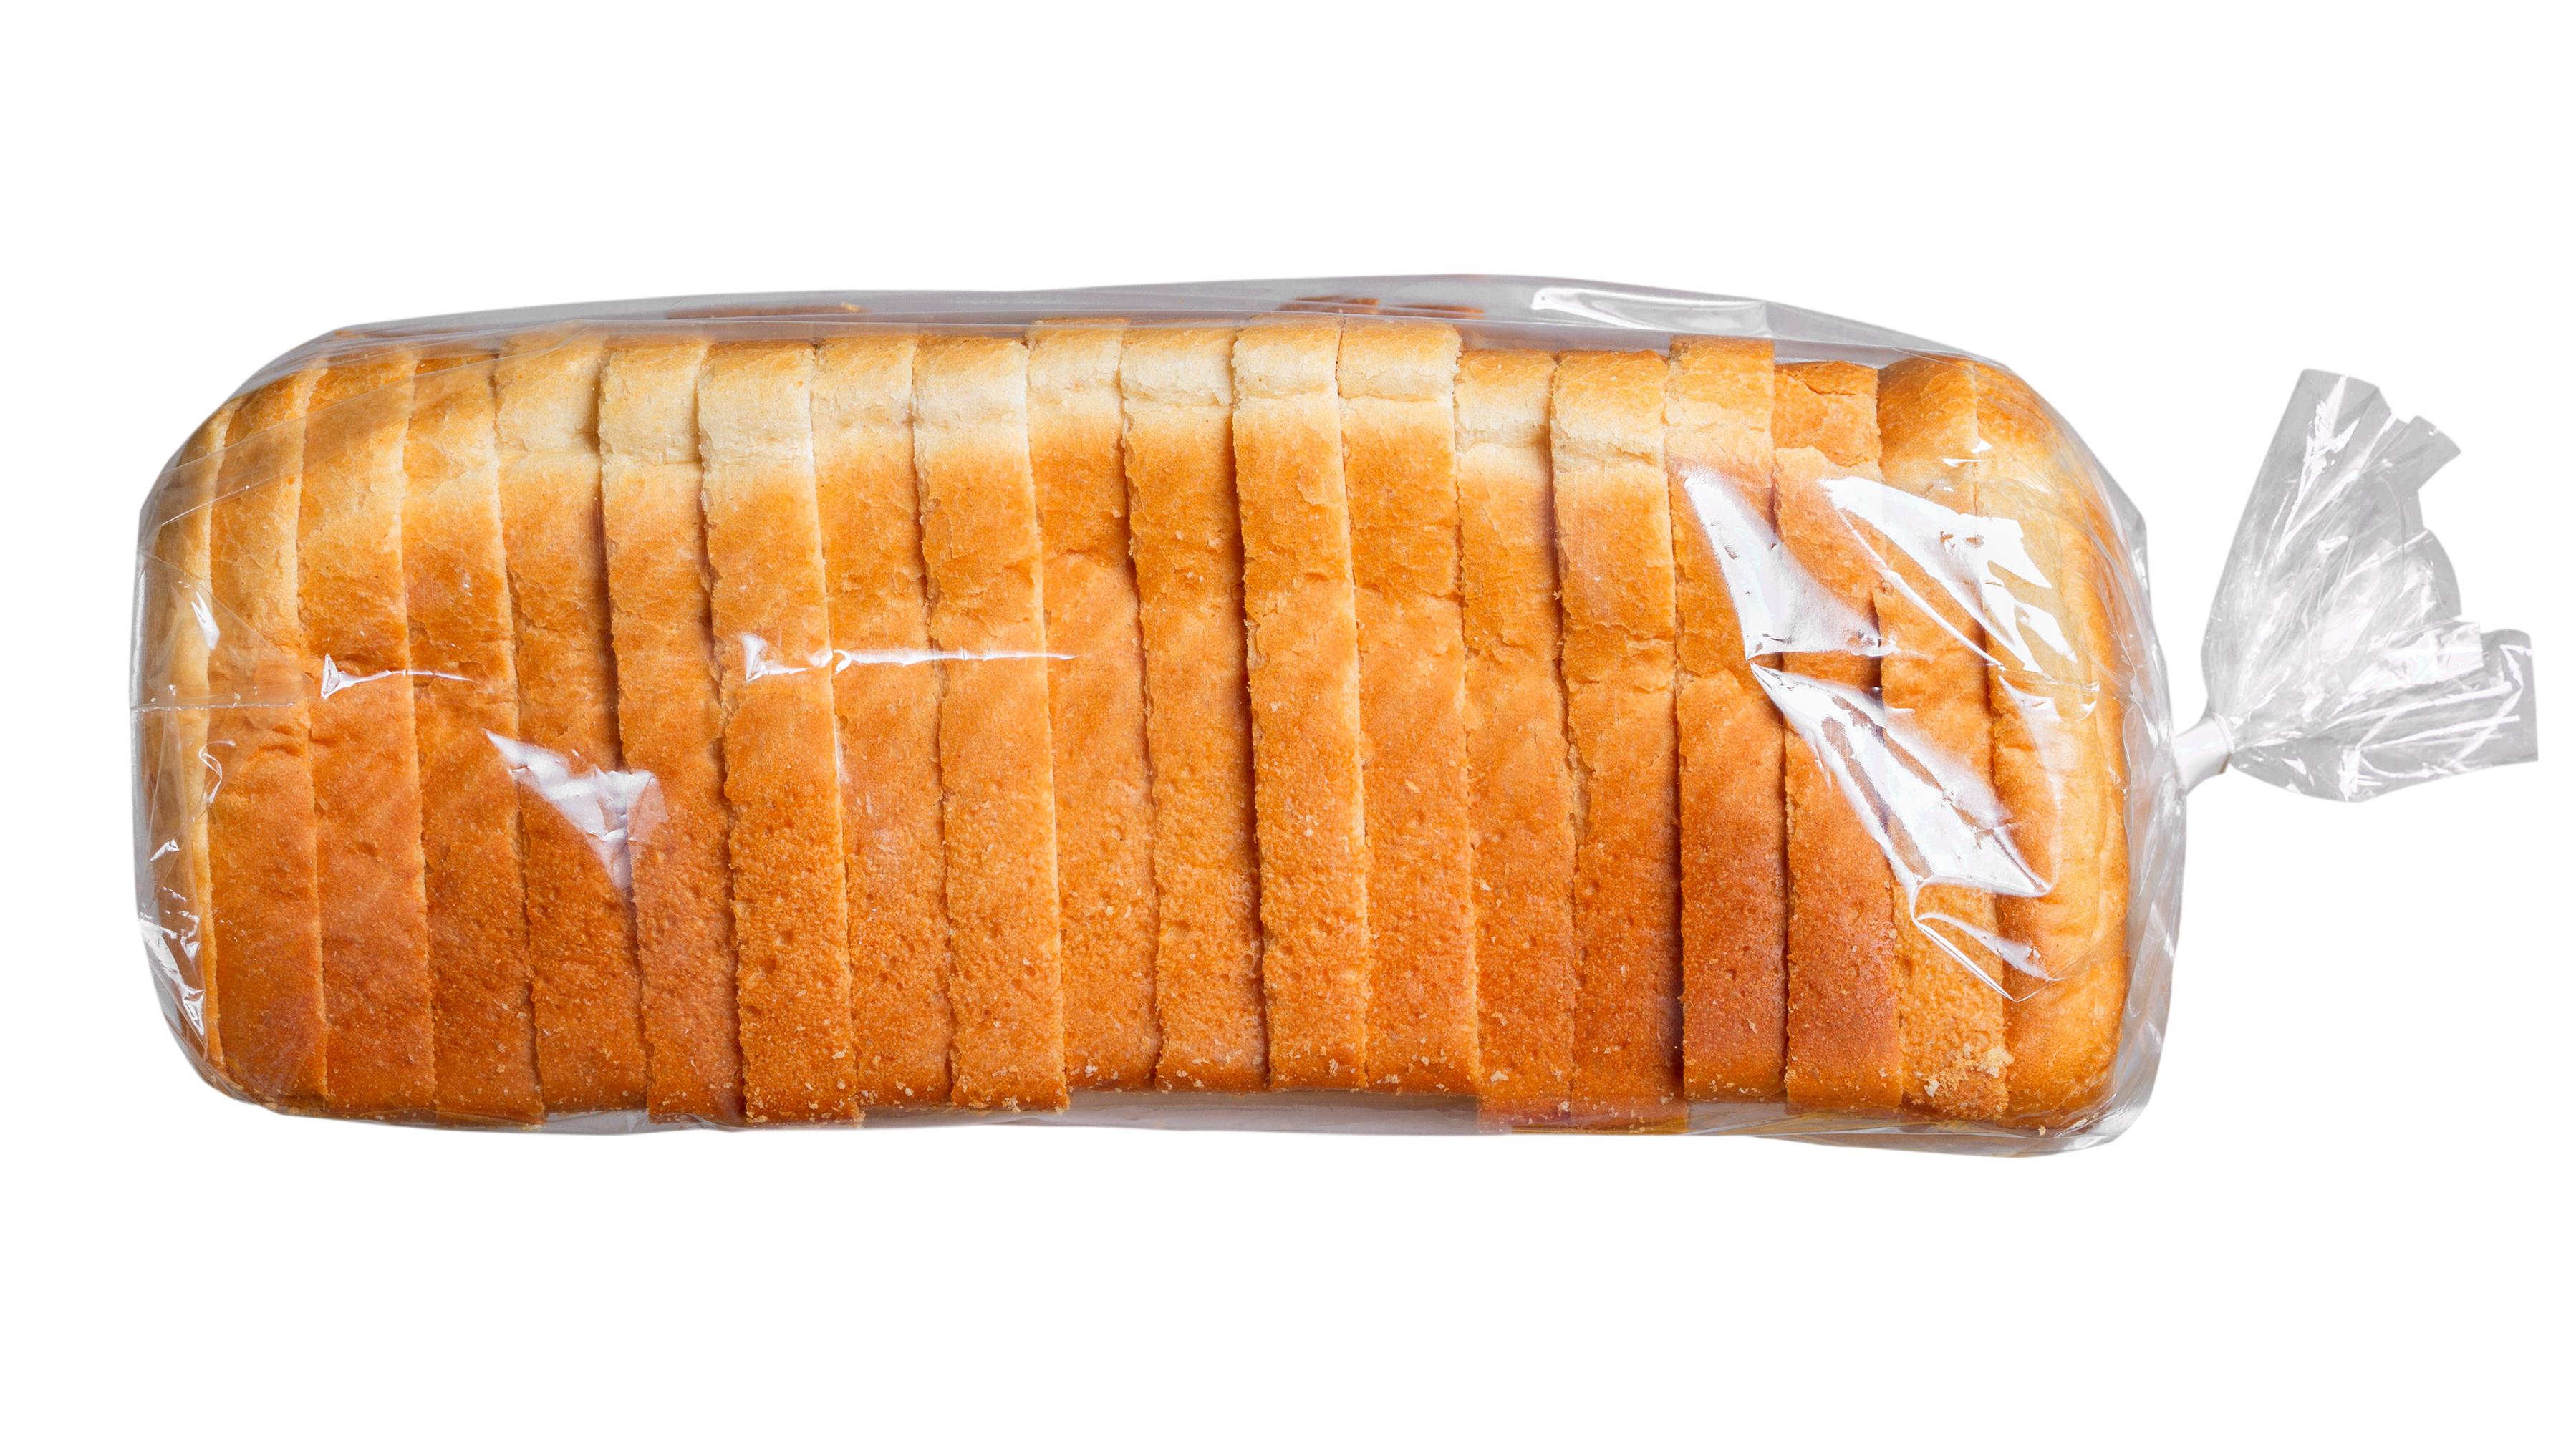 Sliced bread in plastic bag